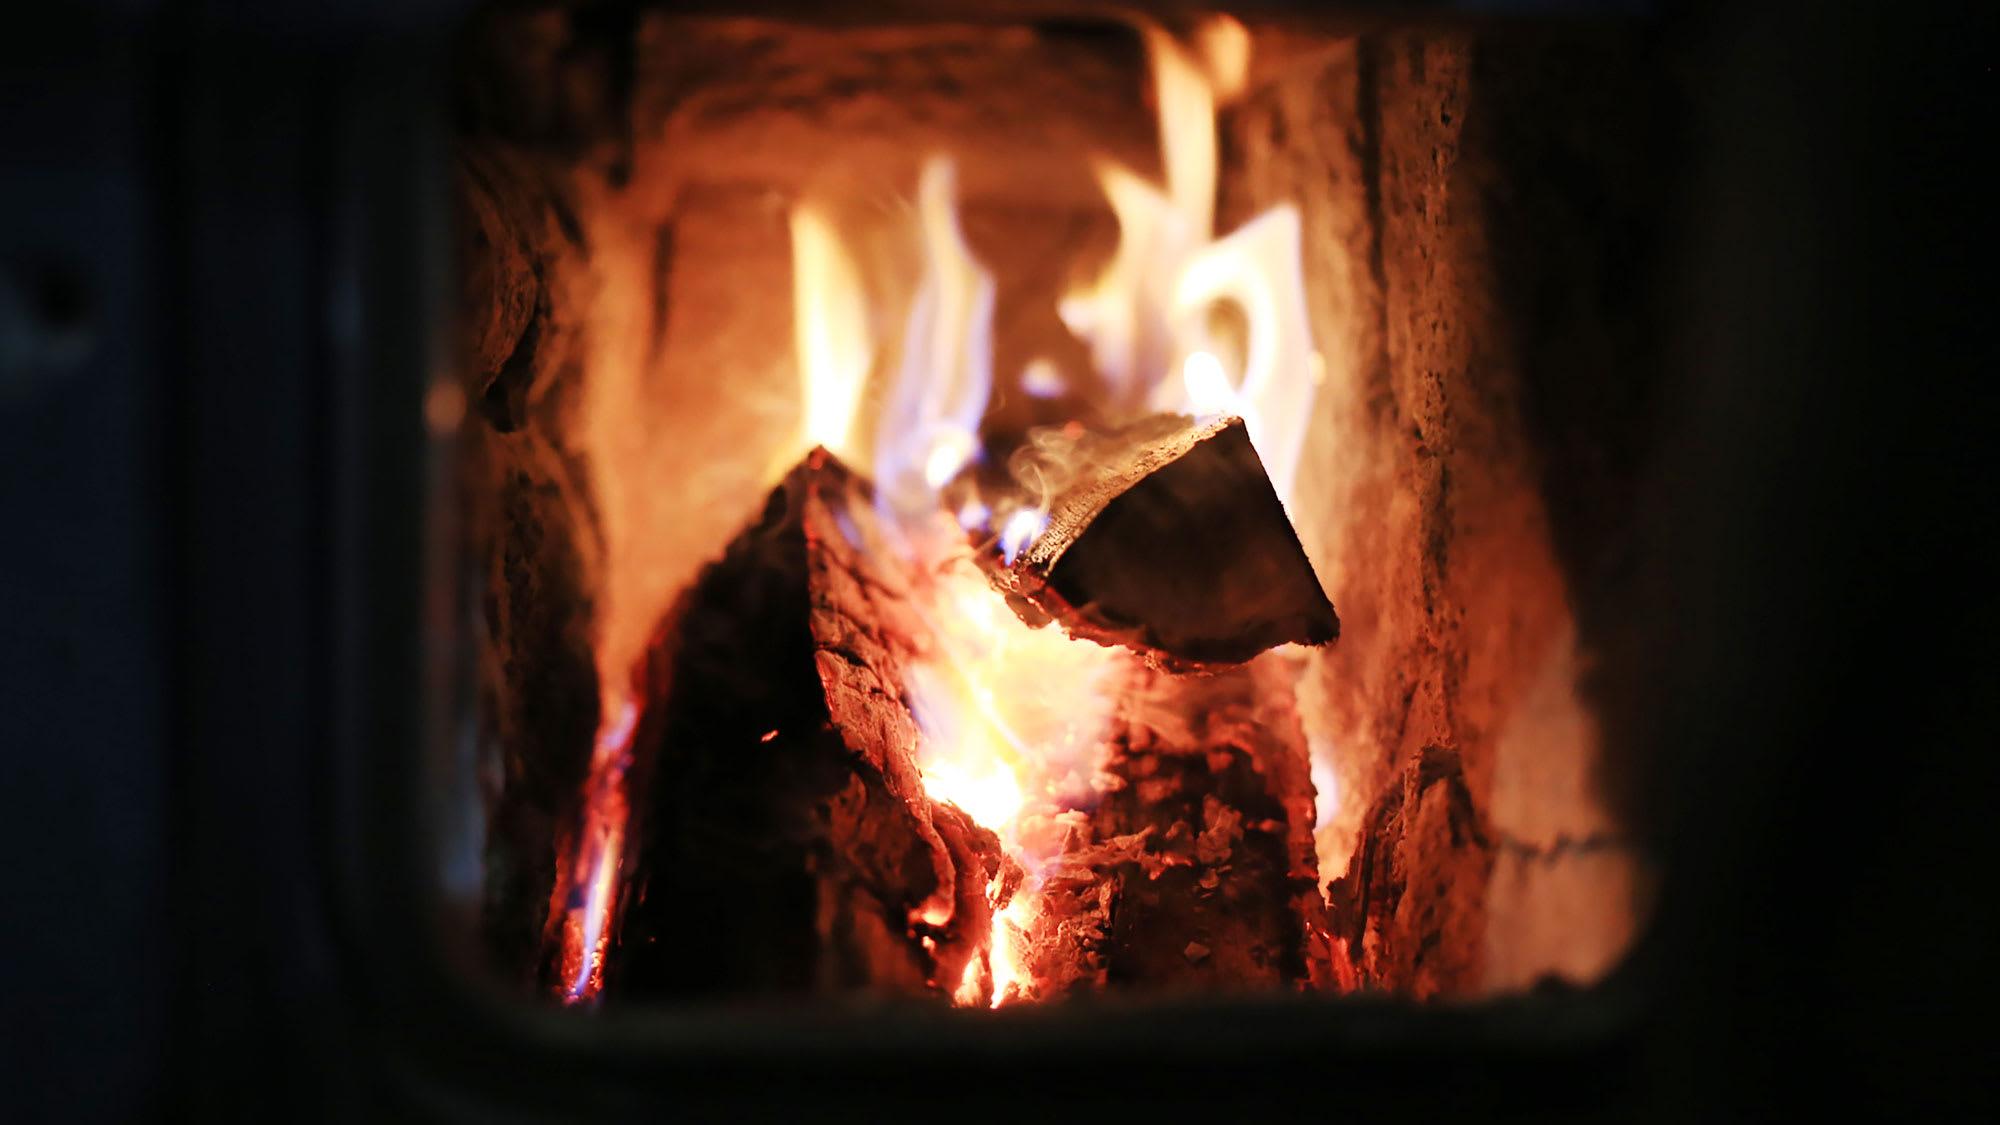 Legger du en vedkubbe av bøk i ovnen,får du ut50% mer varme ennfraenlike storkubbe med gran.